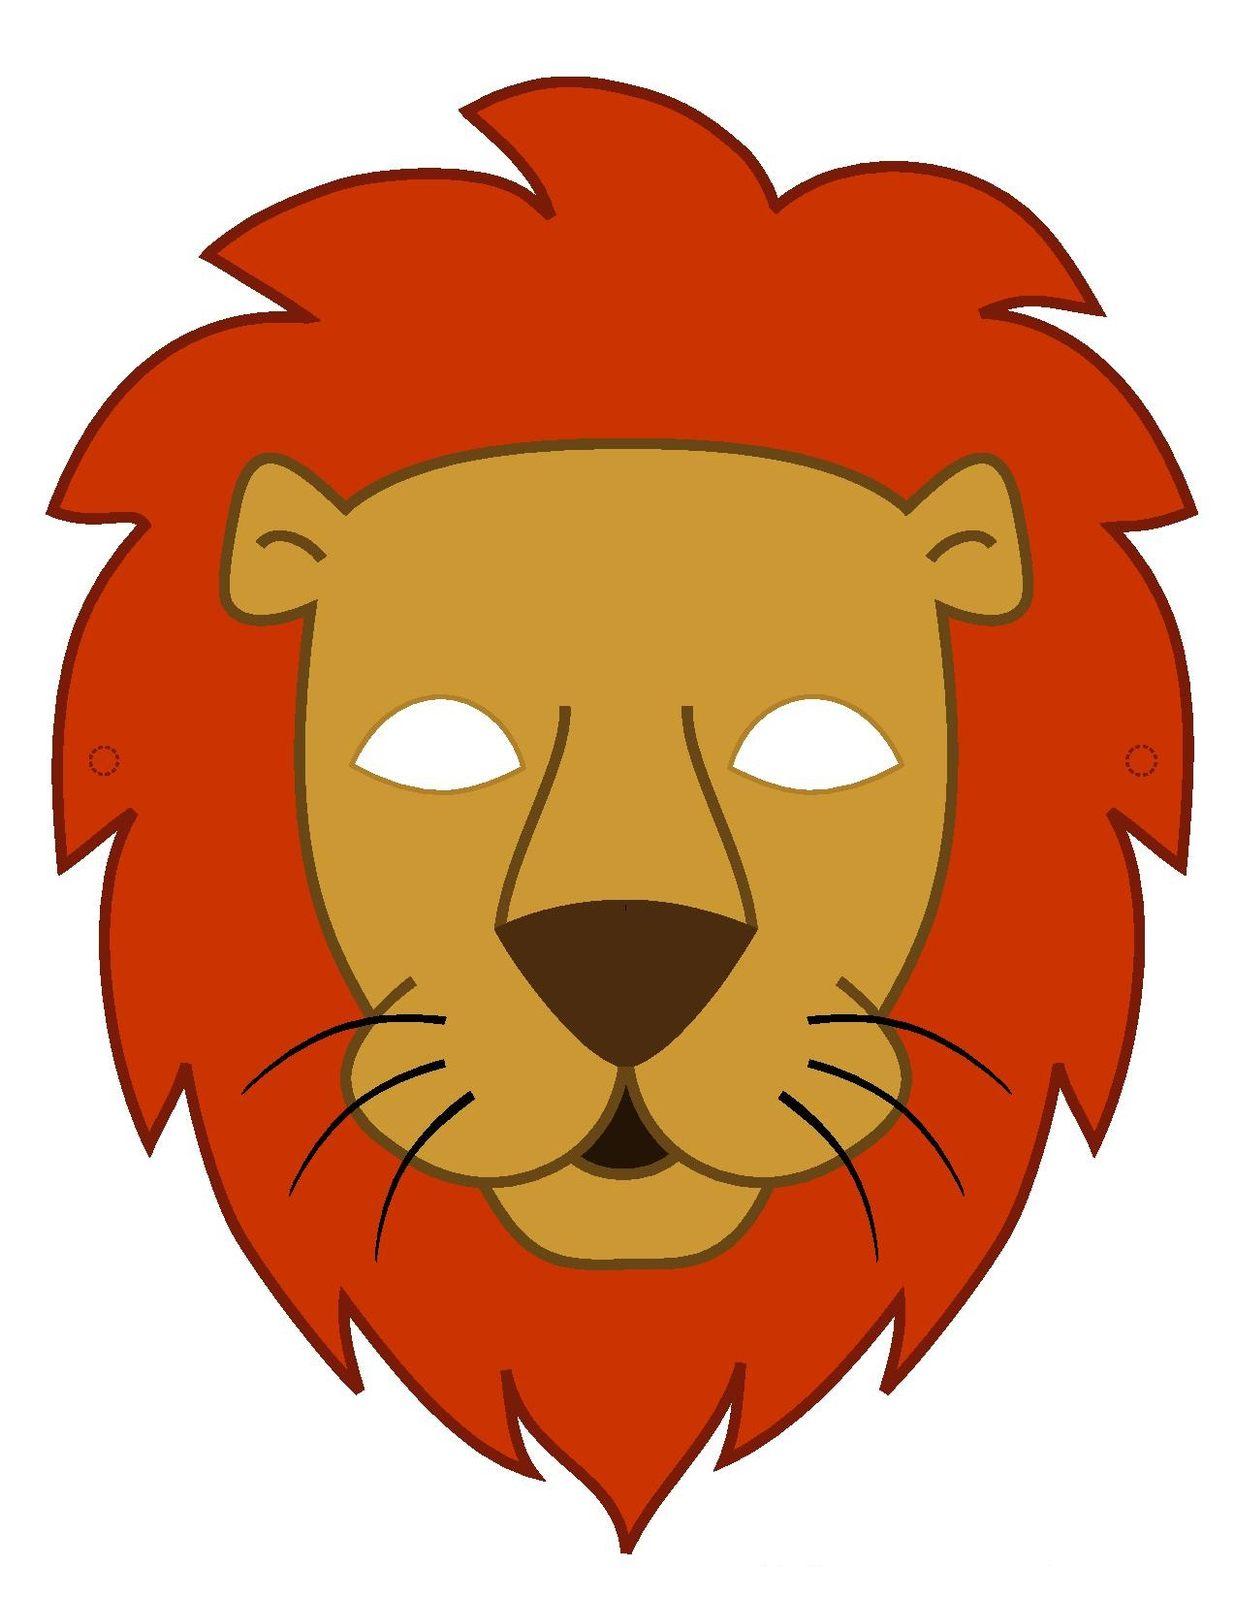 Маска Льва из бумаги (на голову), скачать и распечатать шаблон - photo#34